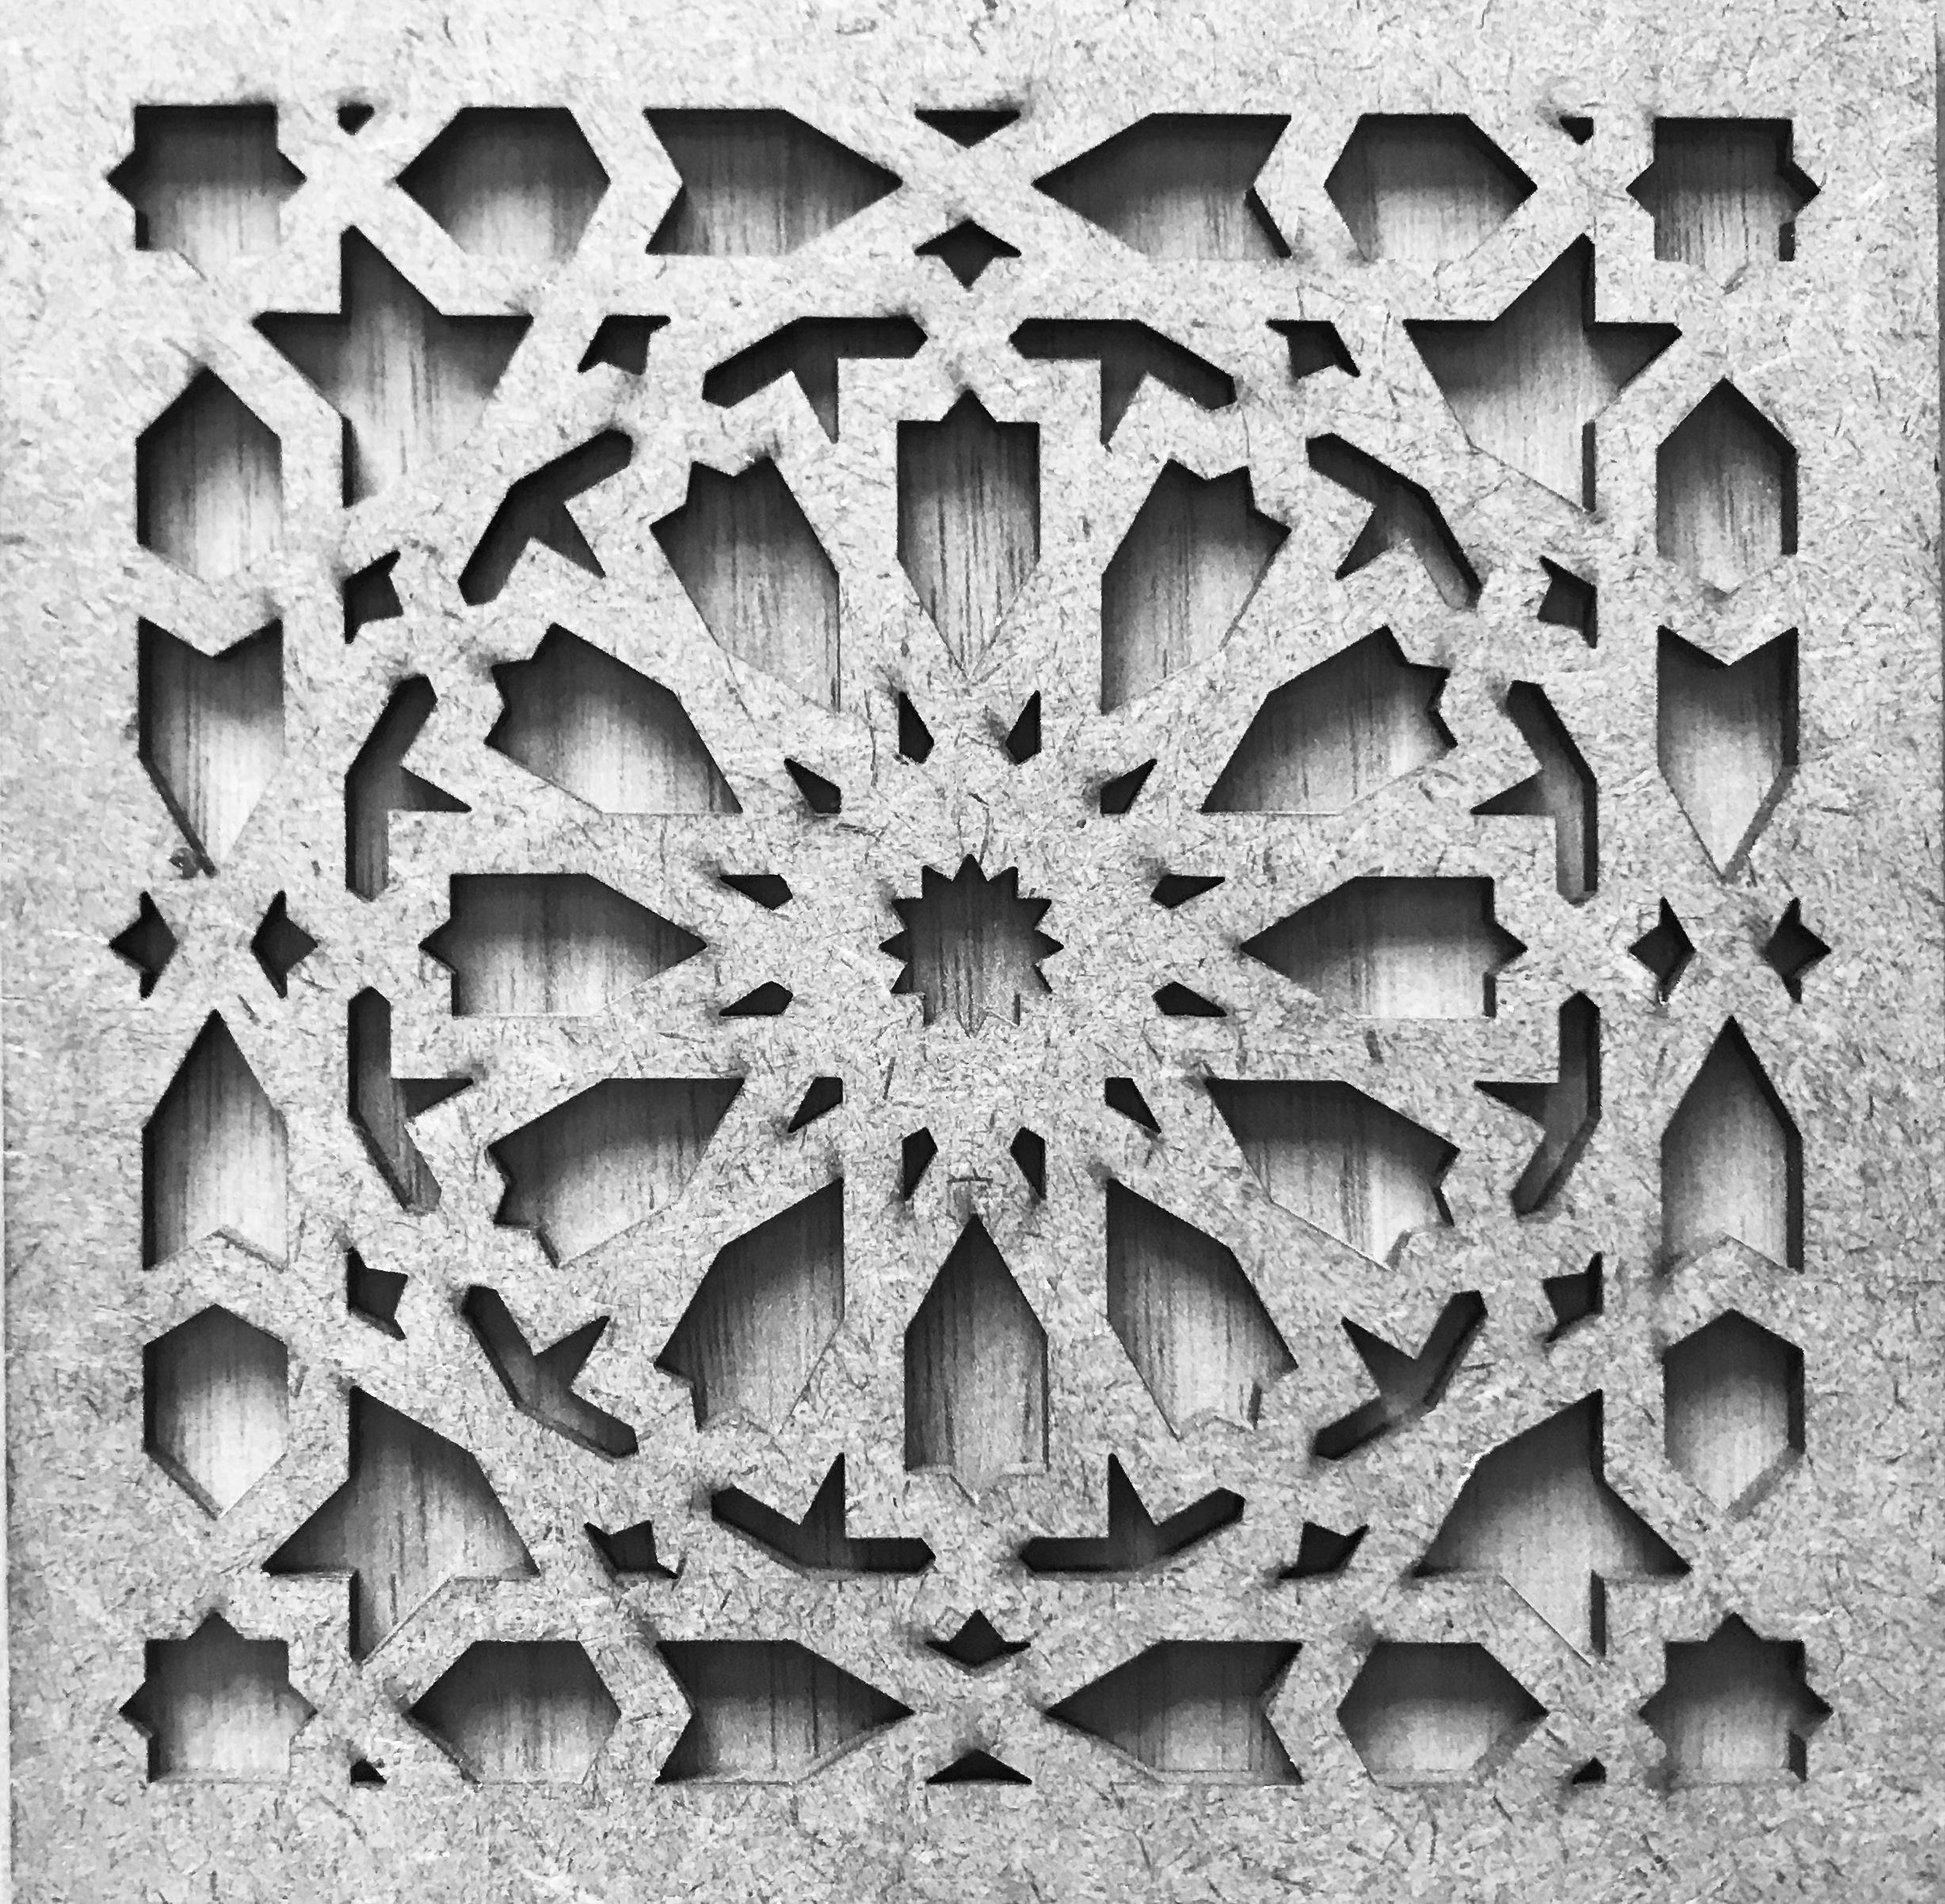 Els fonaments de l'islam. De la dependència a la llibertat. Déu